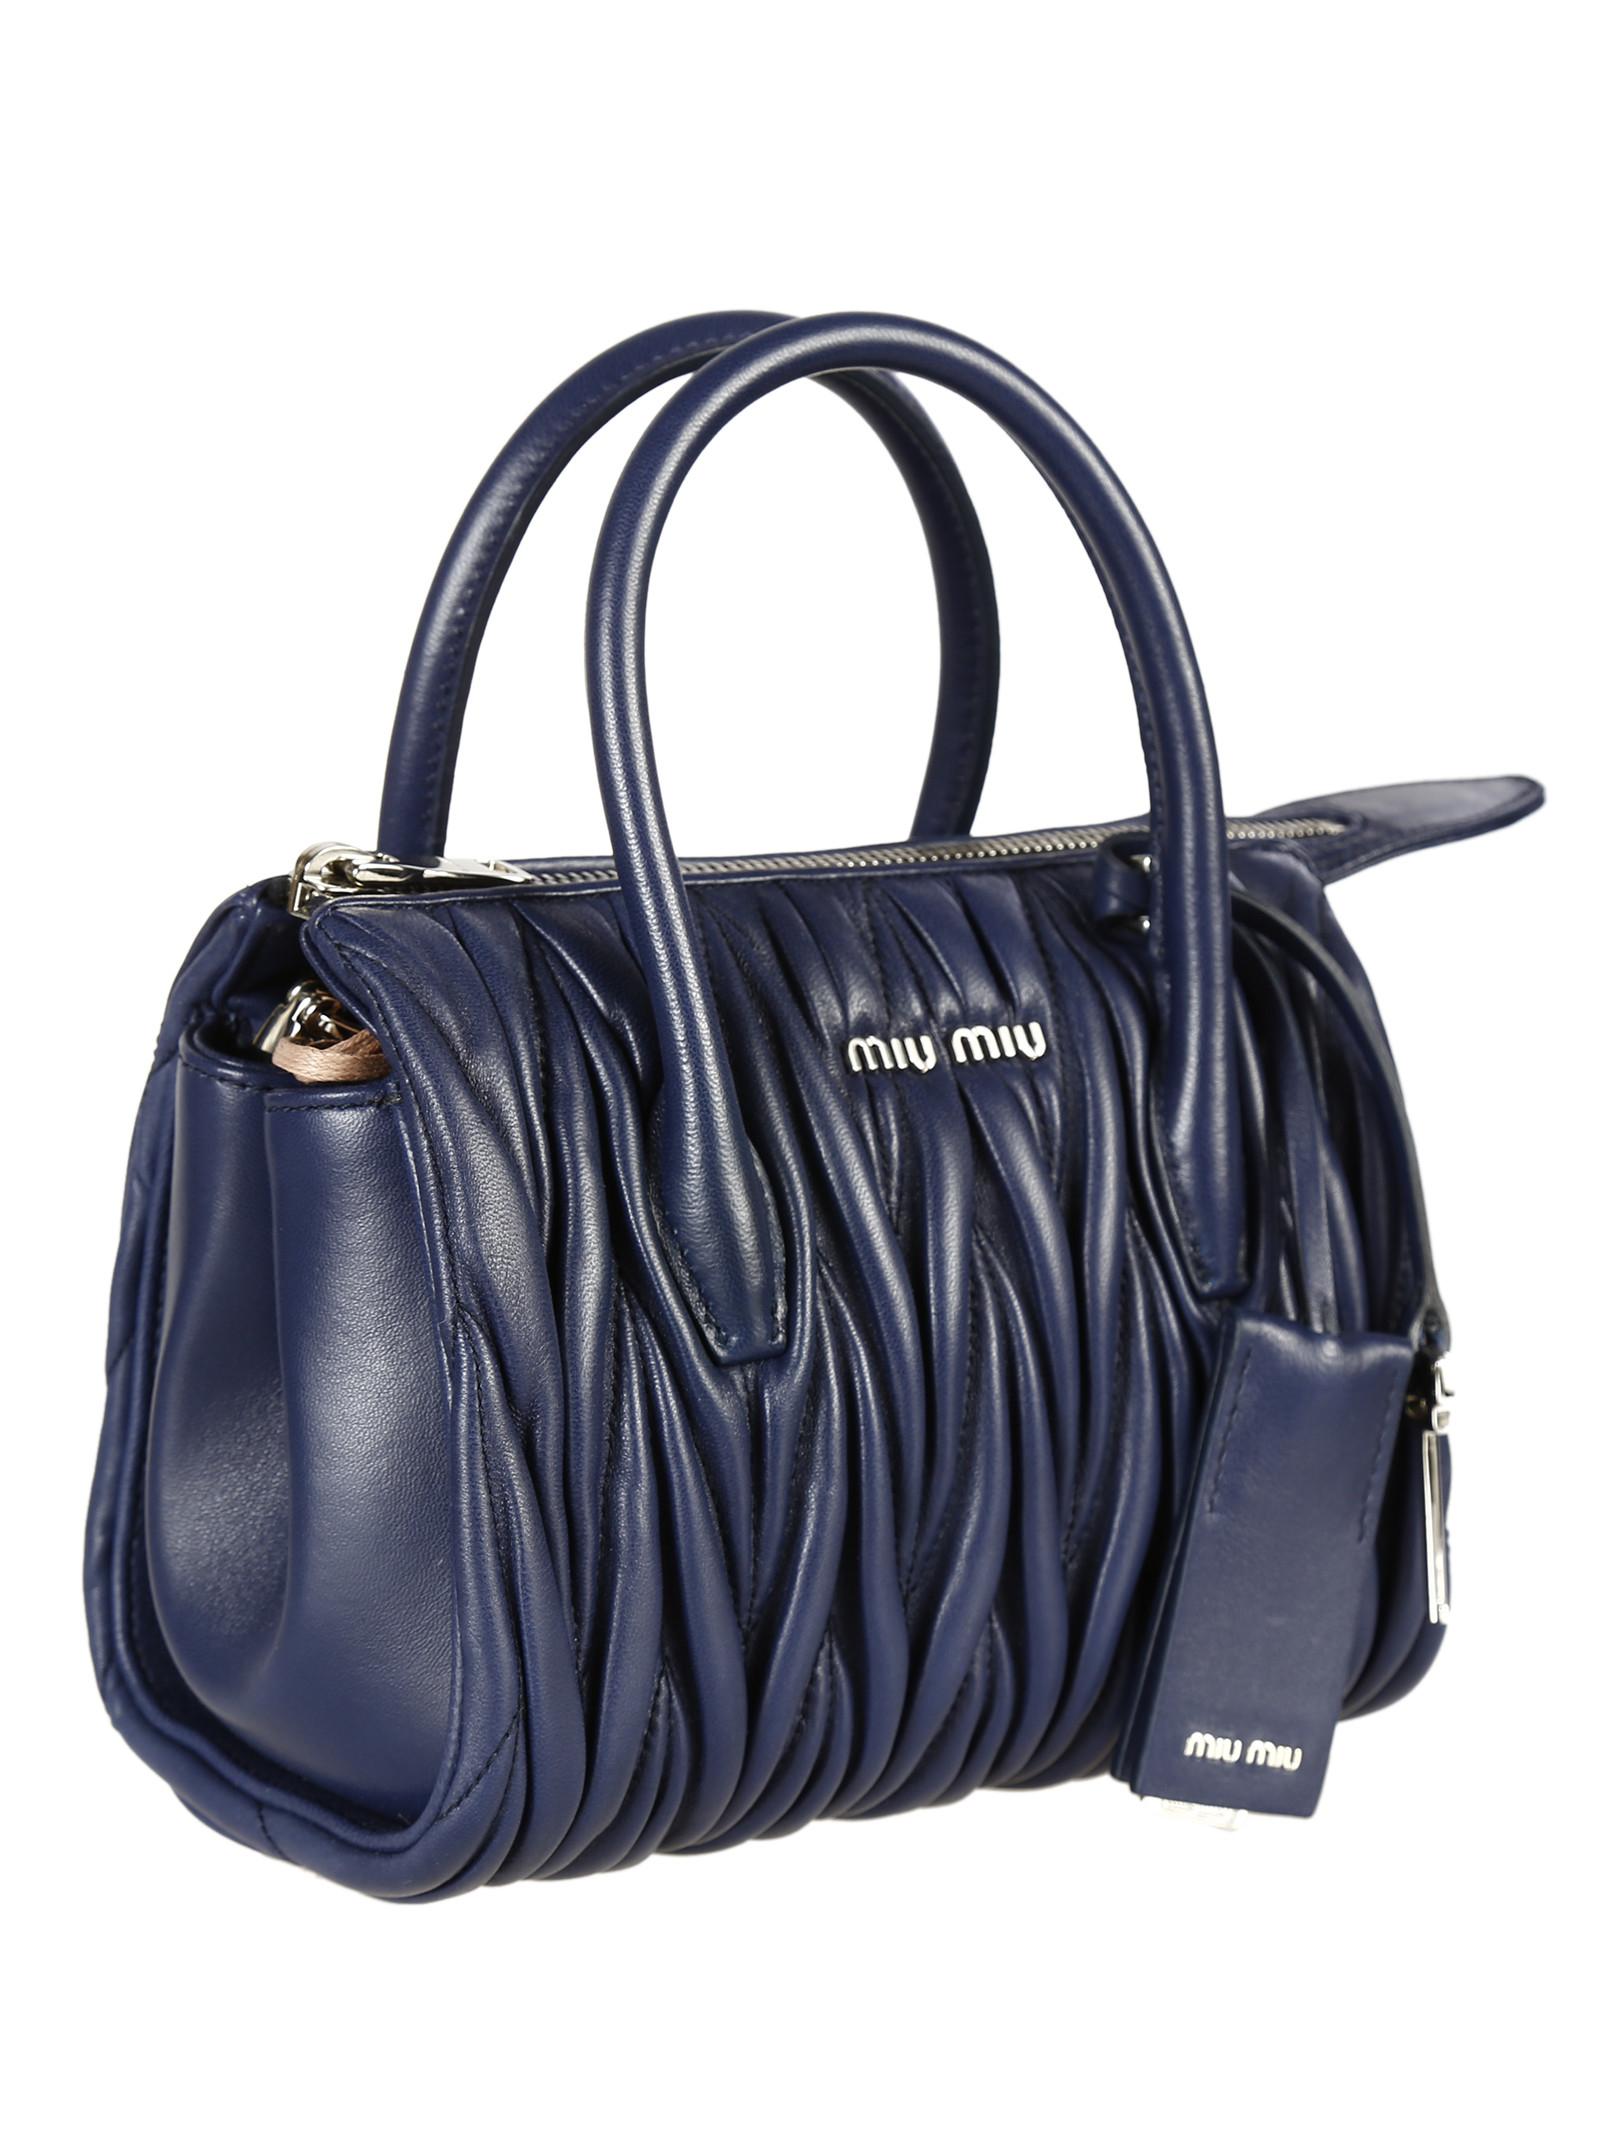 Miu Miu Matelasse Leather Top Handle Bag In Blue